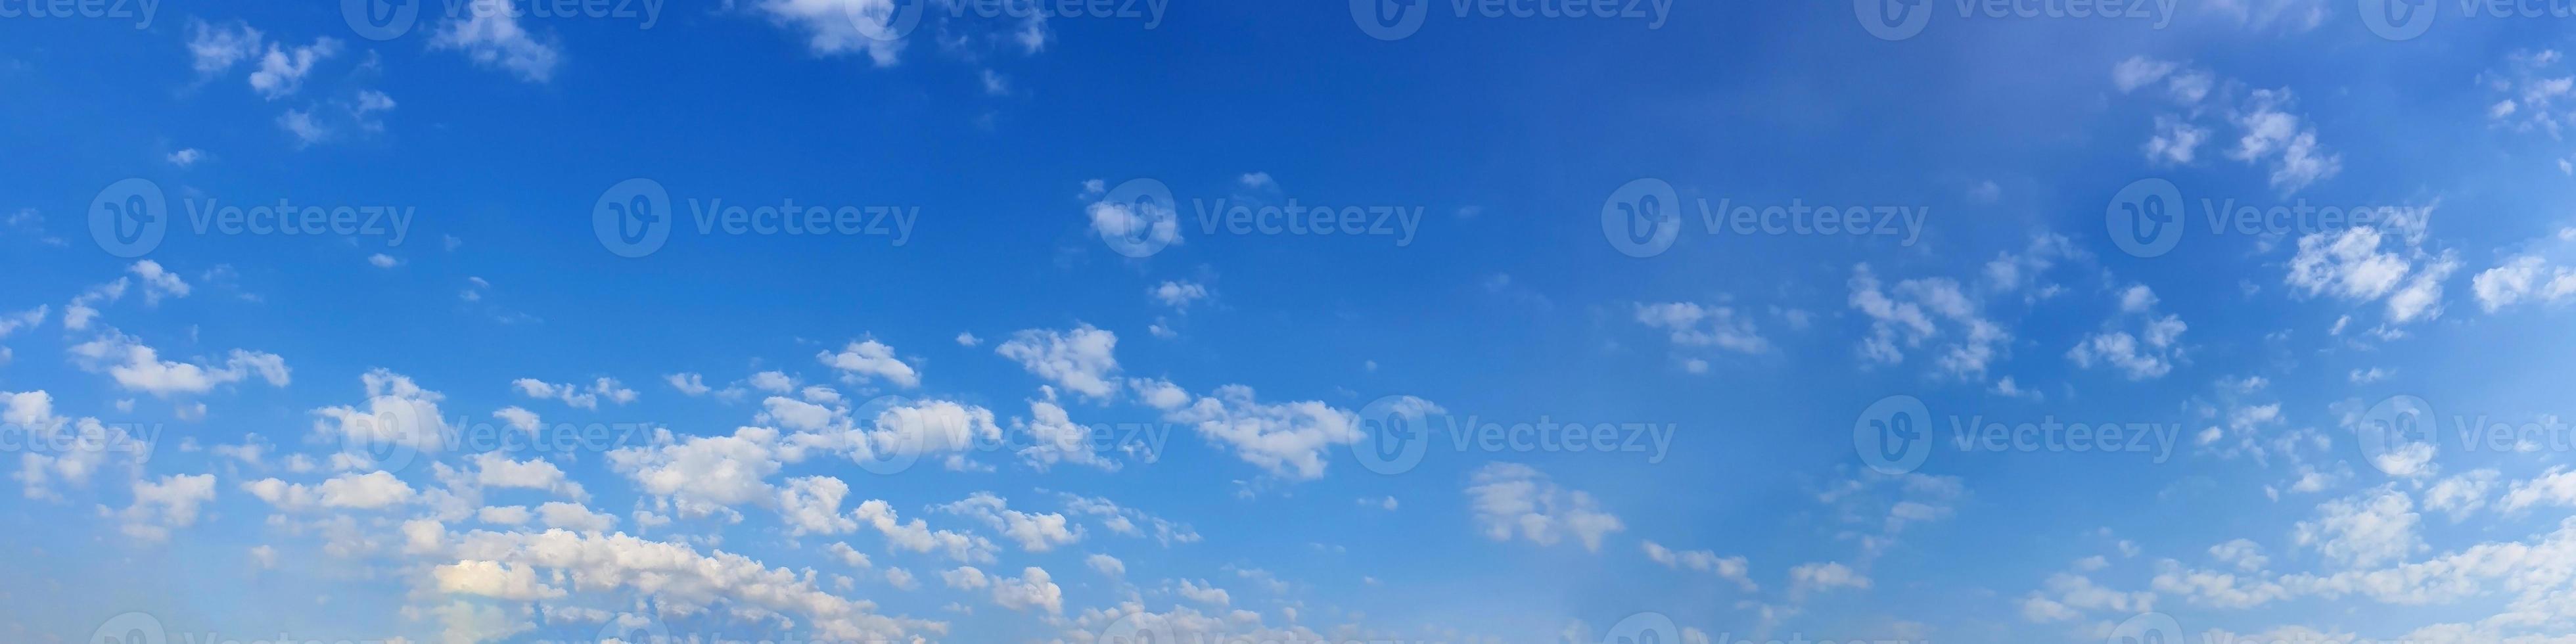 wolken op een zonnige dag foto